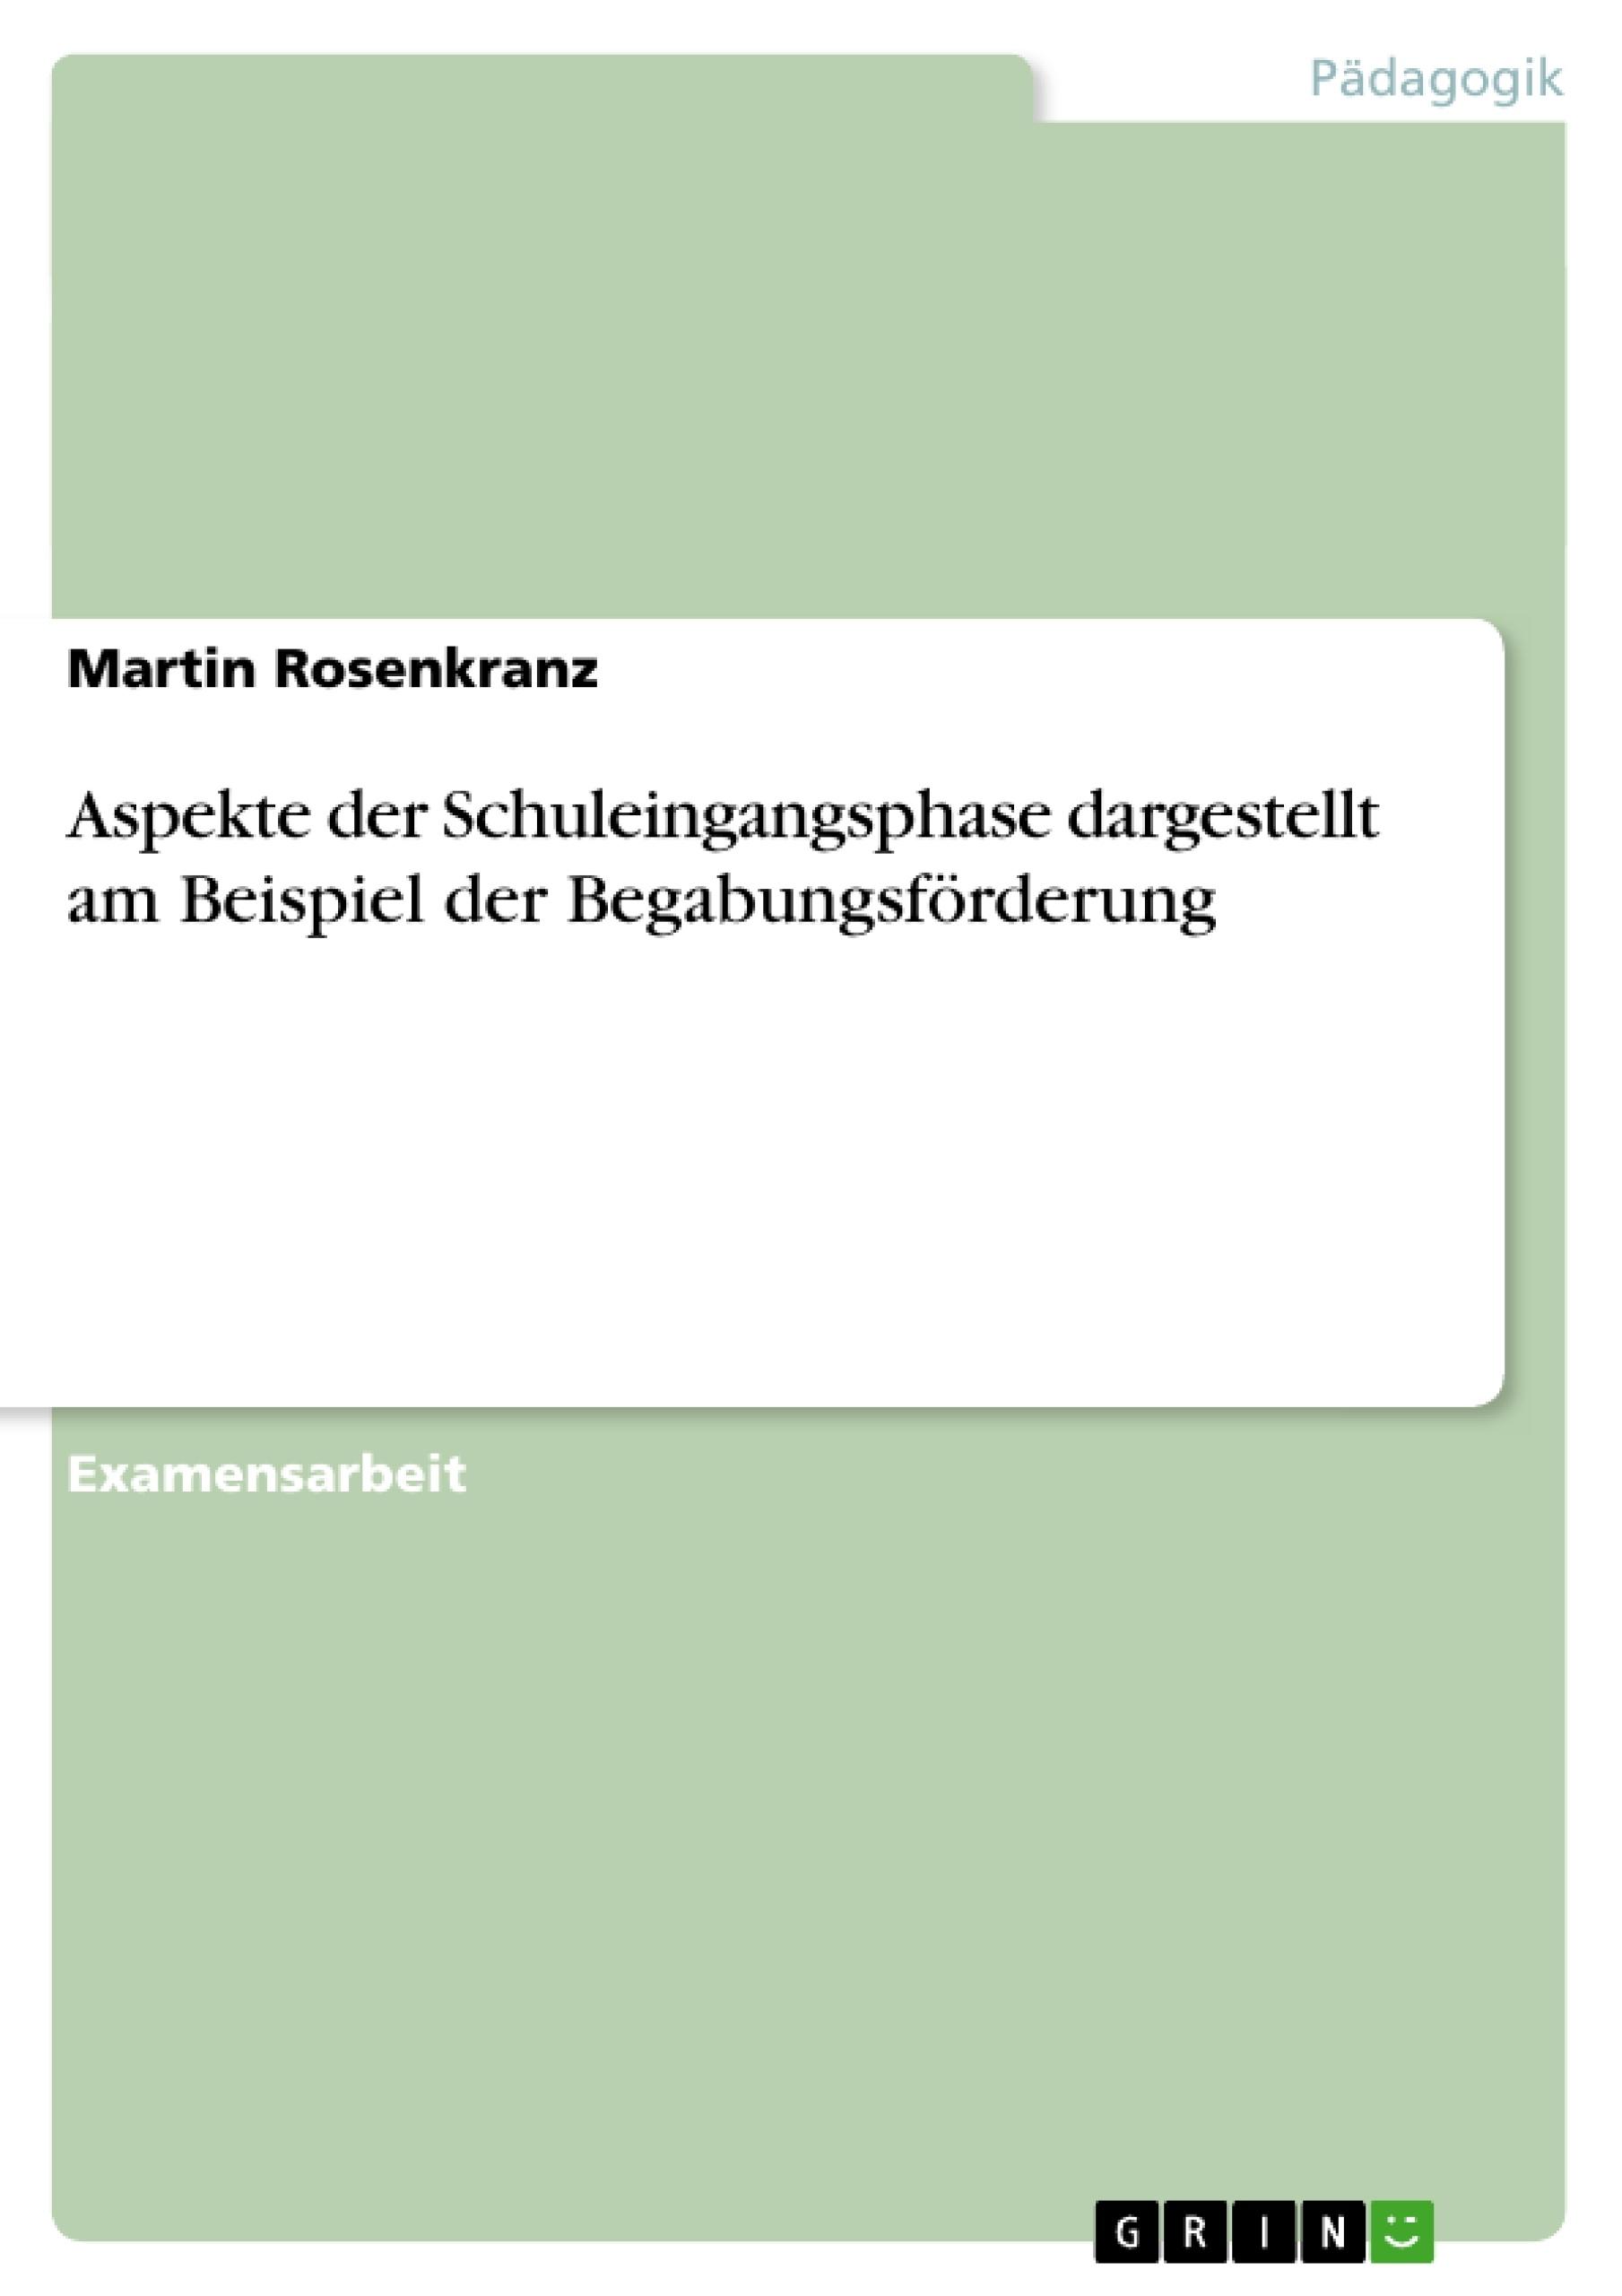 Tolle Bundesweiter Lebenslauf Ksa Schreibservice Ideen - Beispiel ...